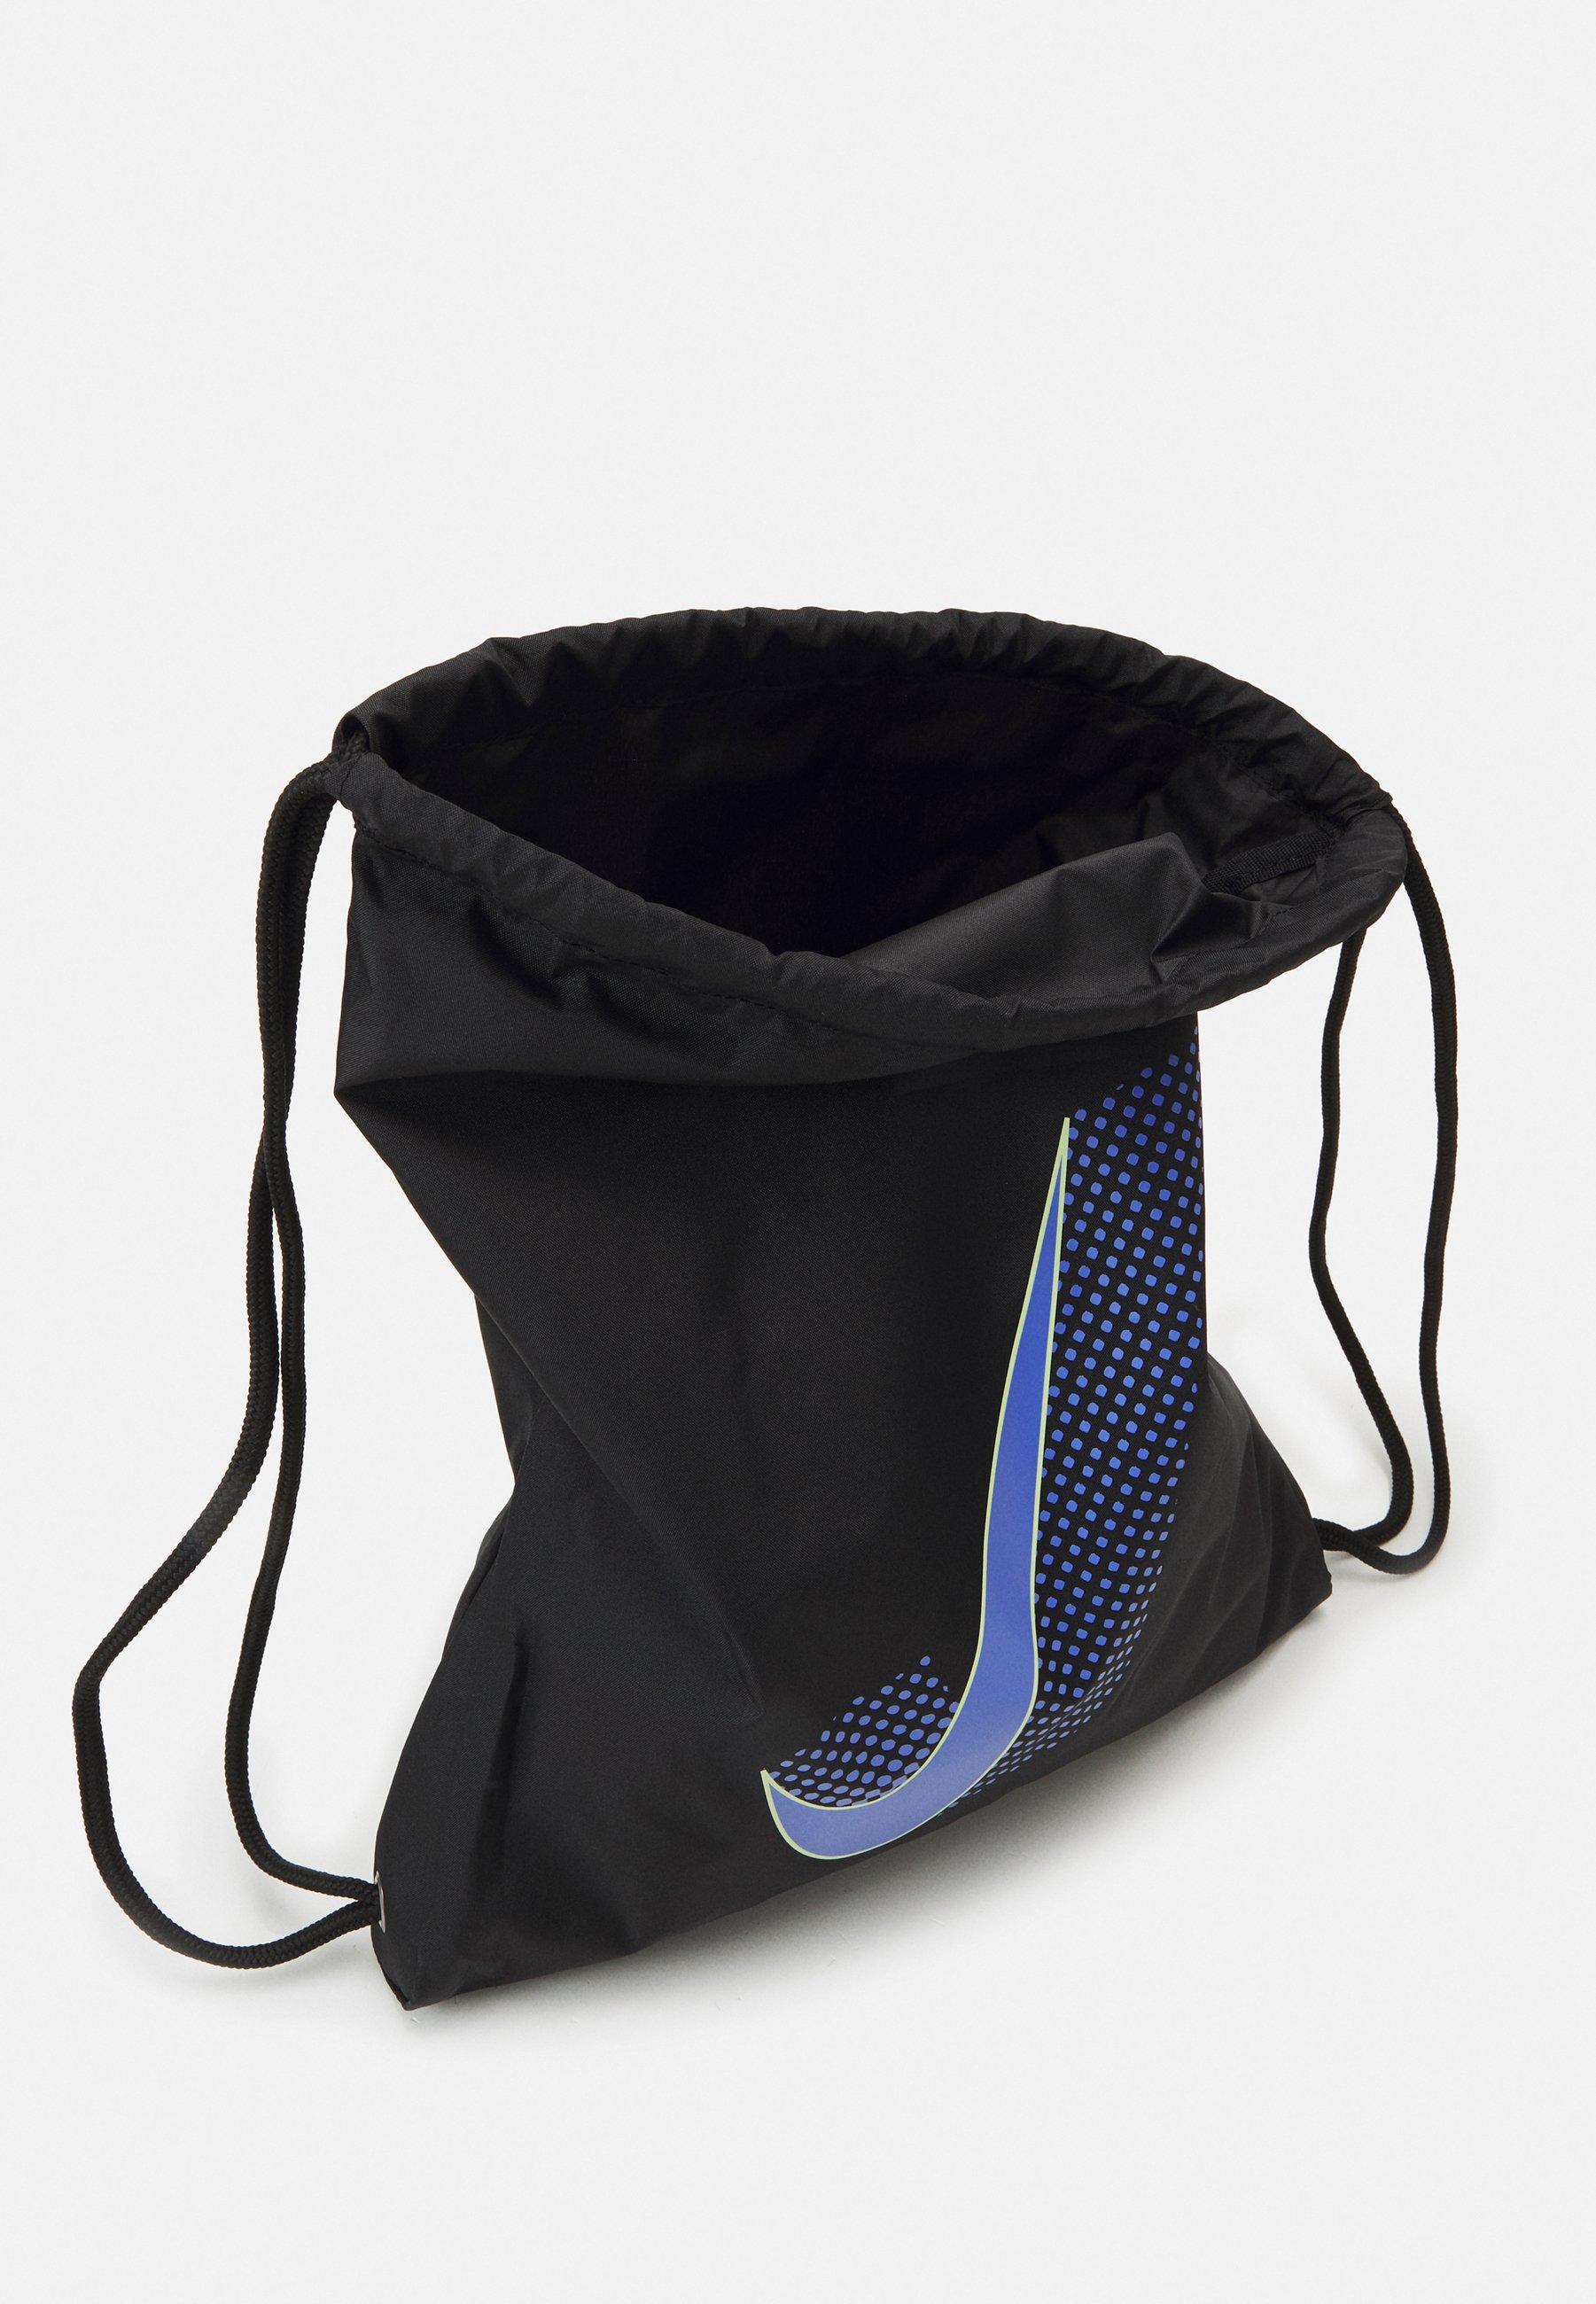 Kids BAG DRAWSTRING UNISEX - Drawstring sports bag